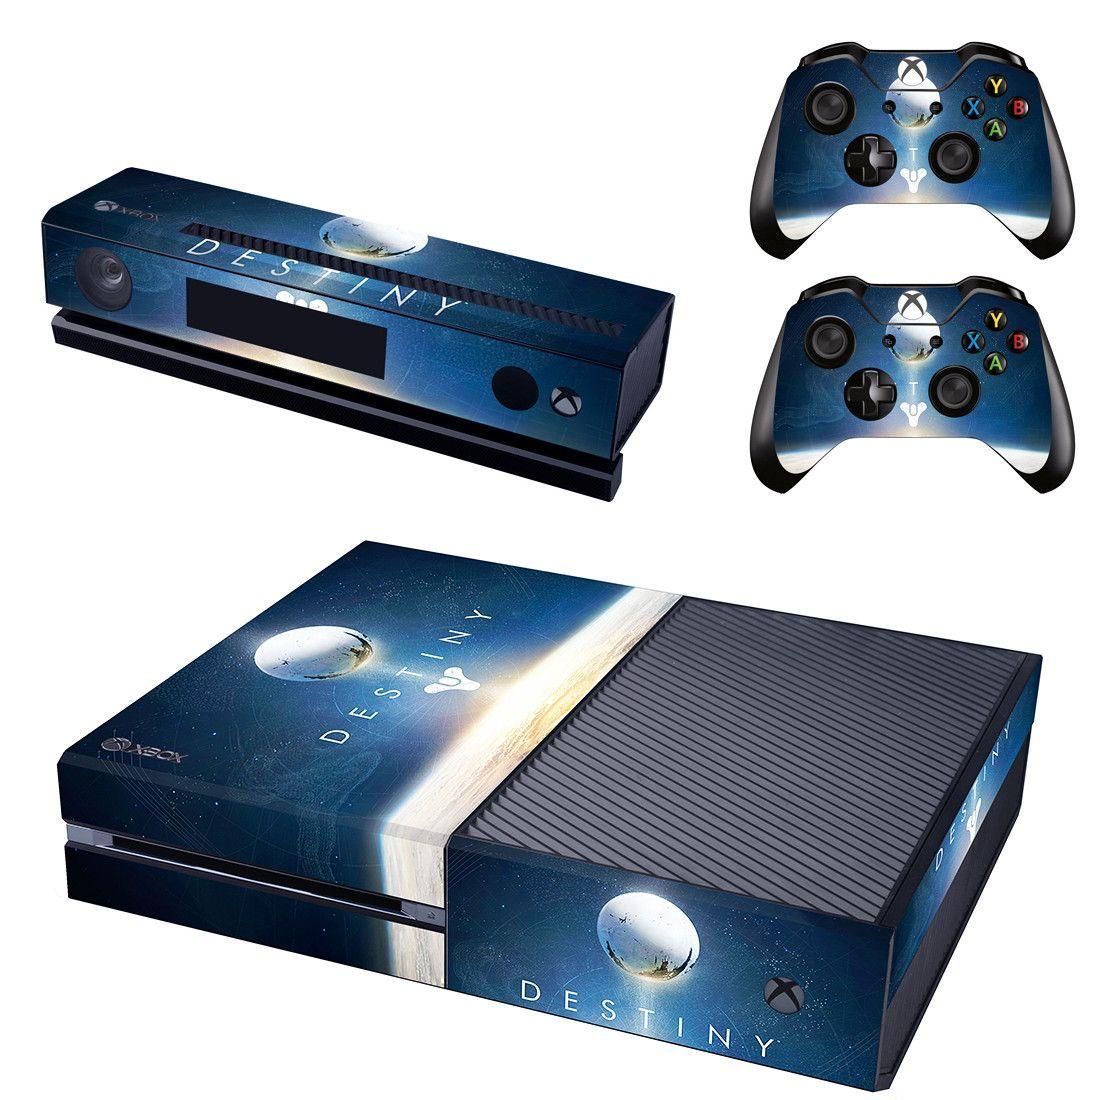 Destiny Xbox One Skin Xbox One Xbox One Skin Destiny Xbox One